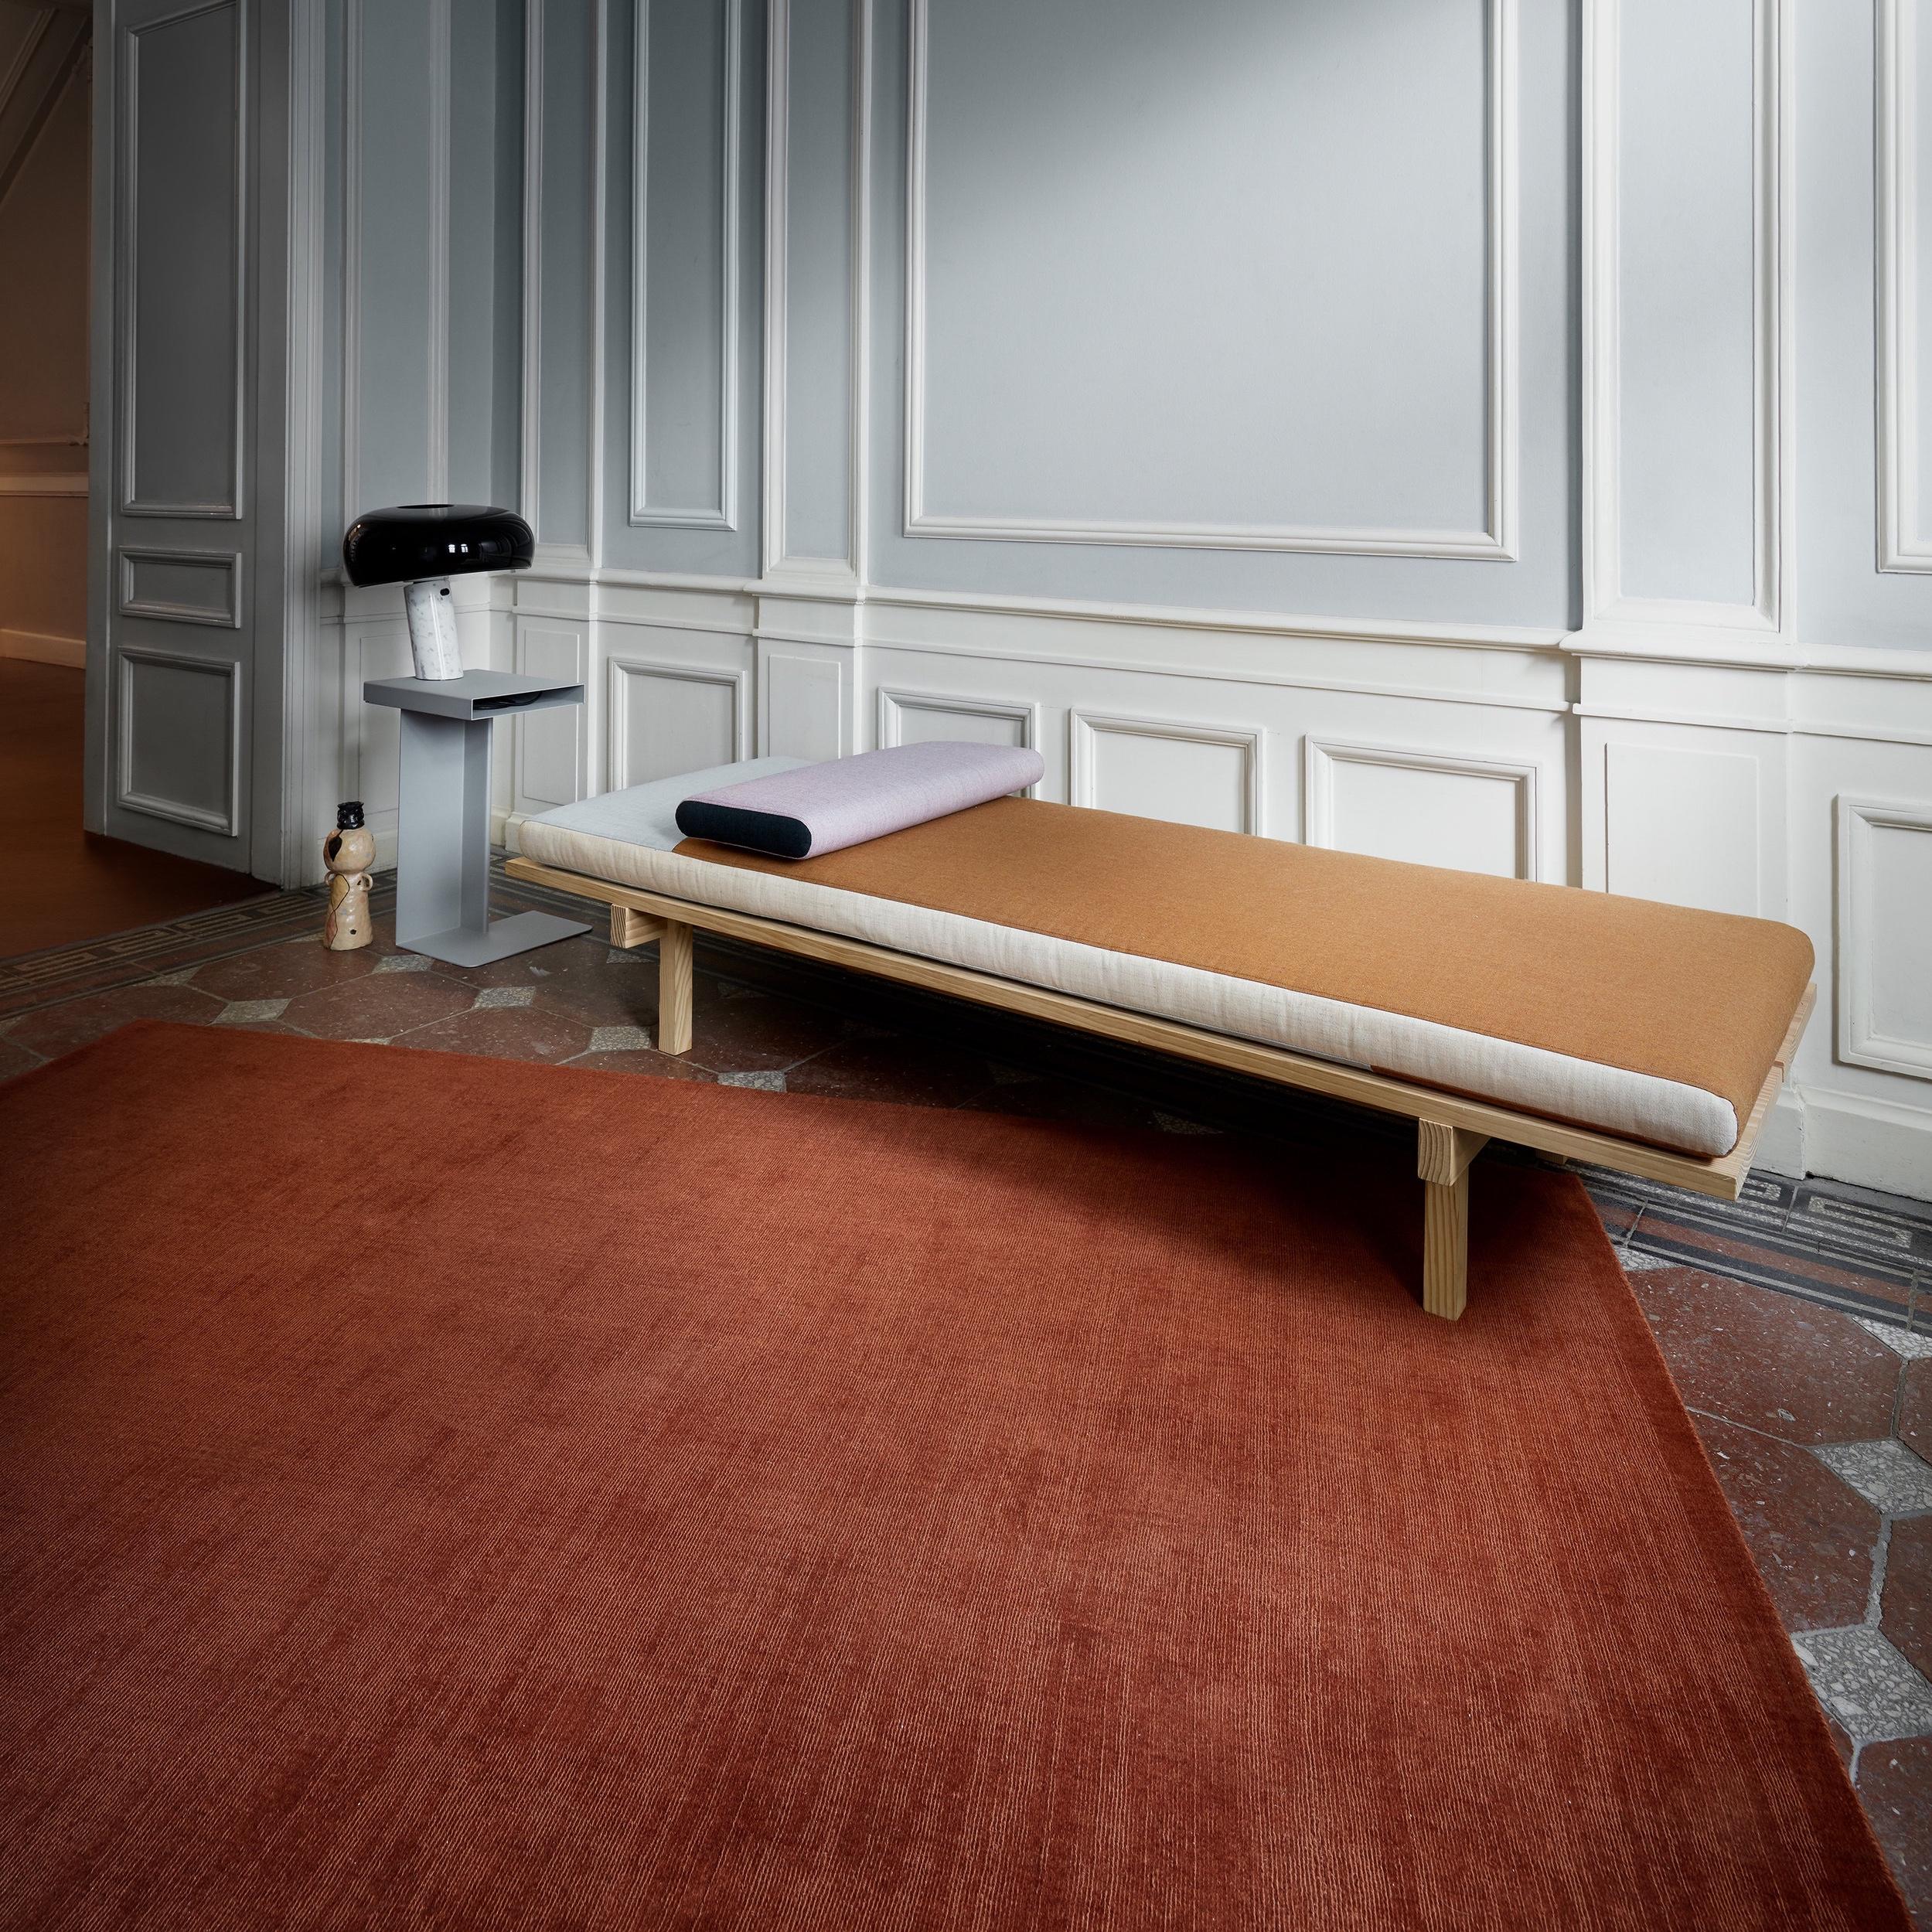 The Loke Rug, by Jens Landberg Schrøder